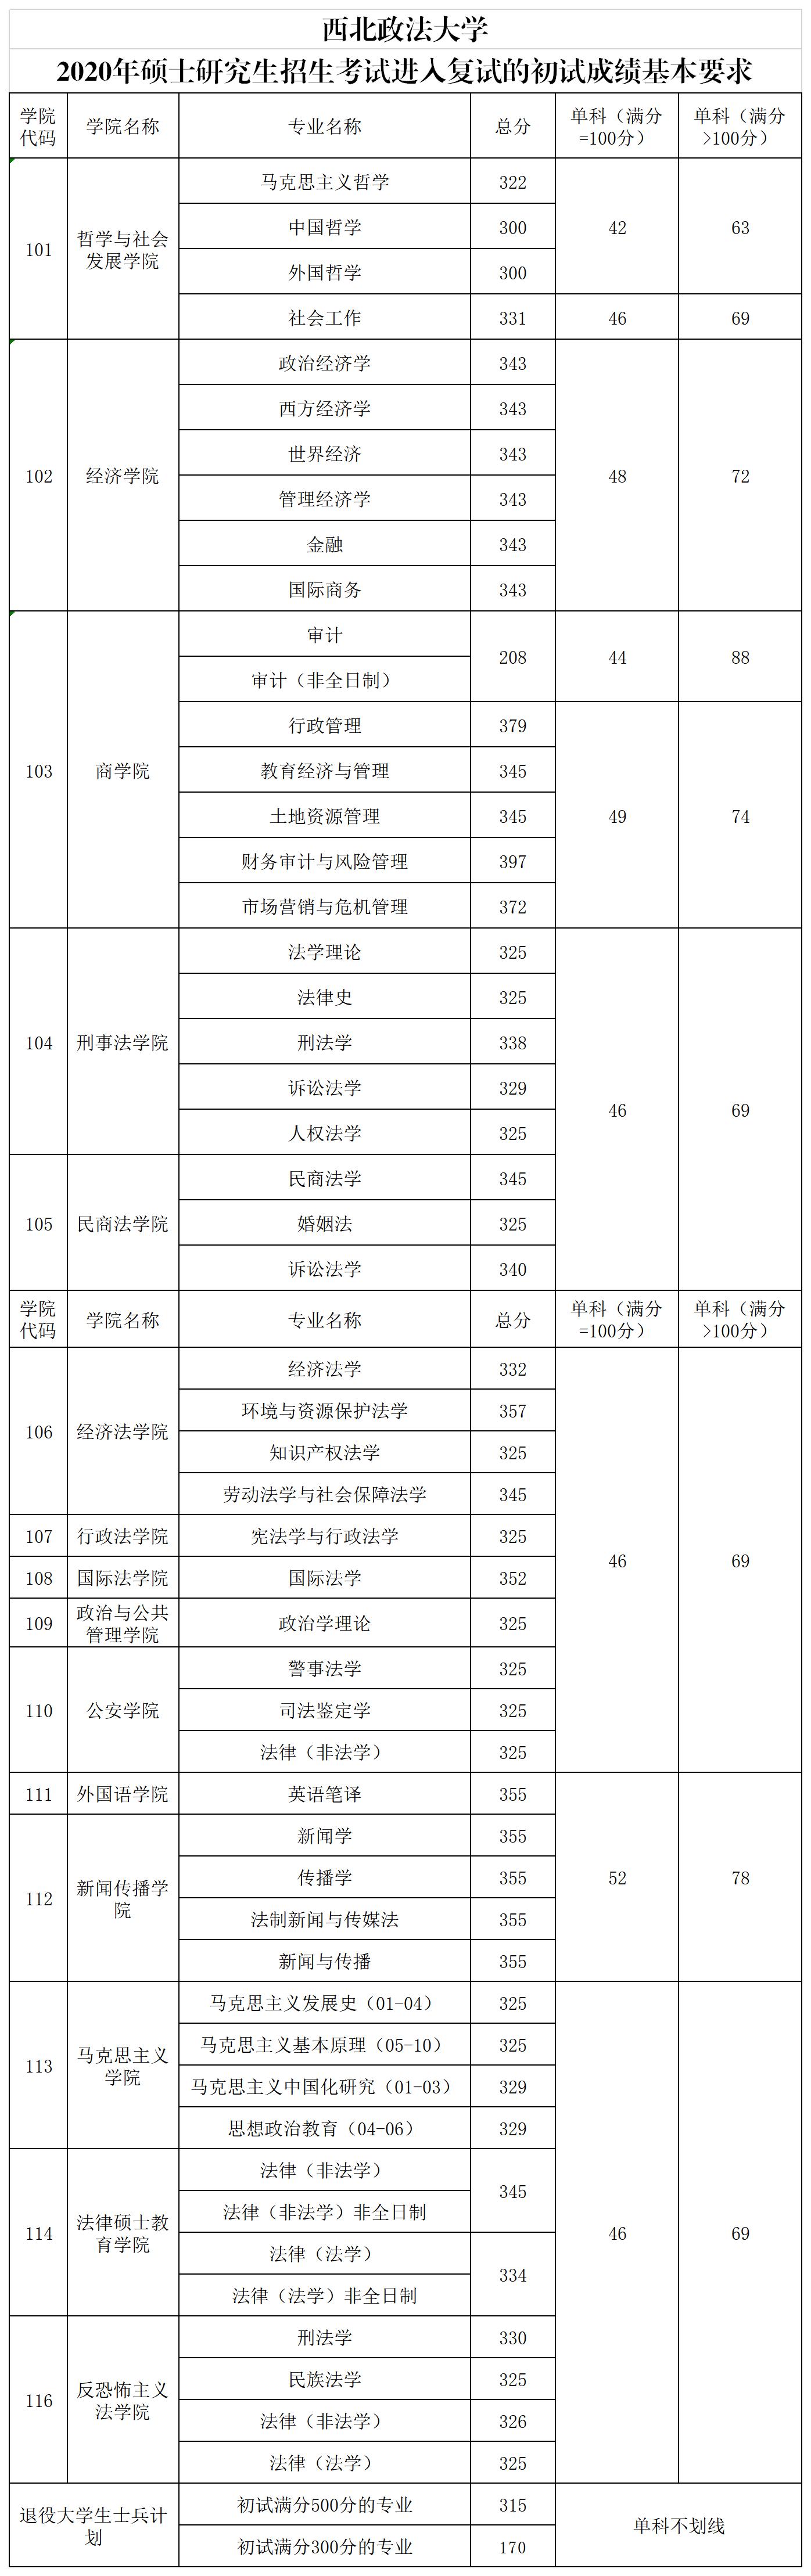 东北电力研究生分数_西北政法大学2020年硕士研究生招生考试复试分数线_中国在职研究 ...